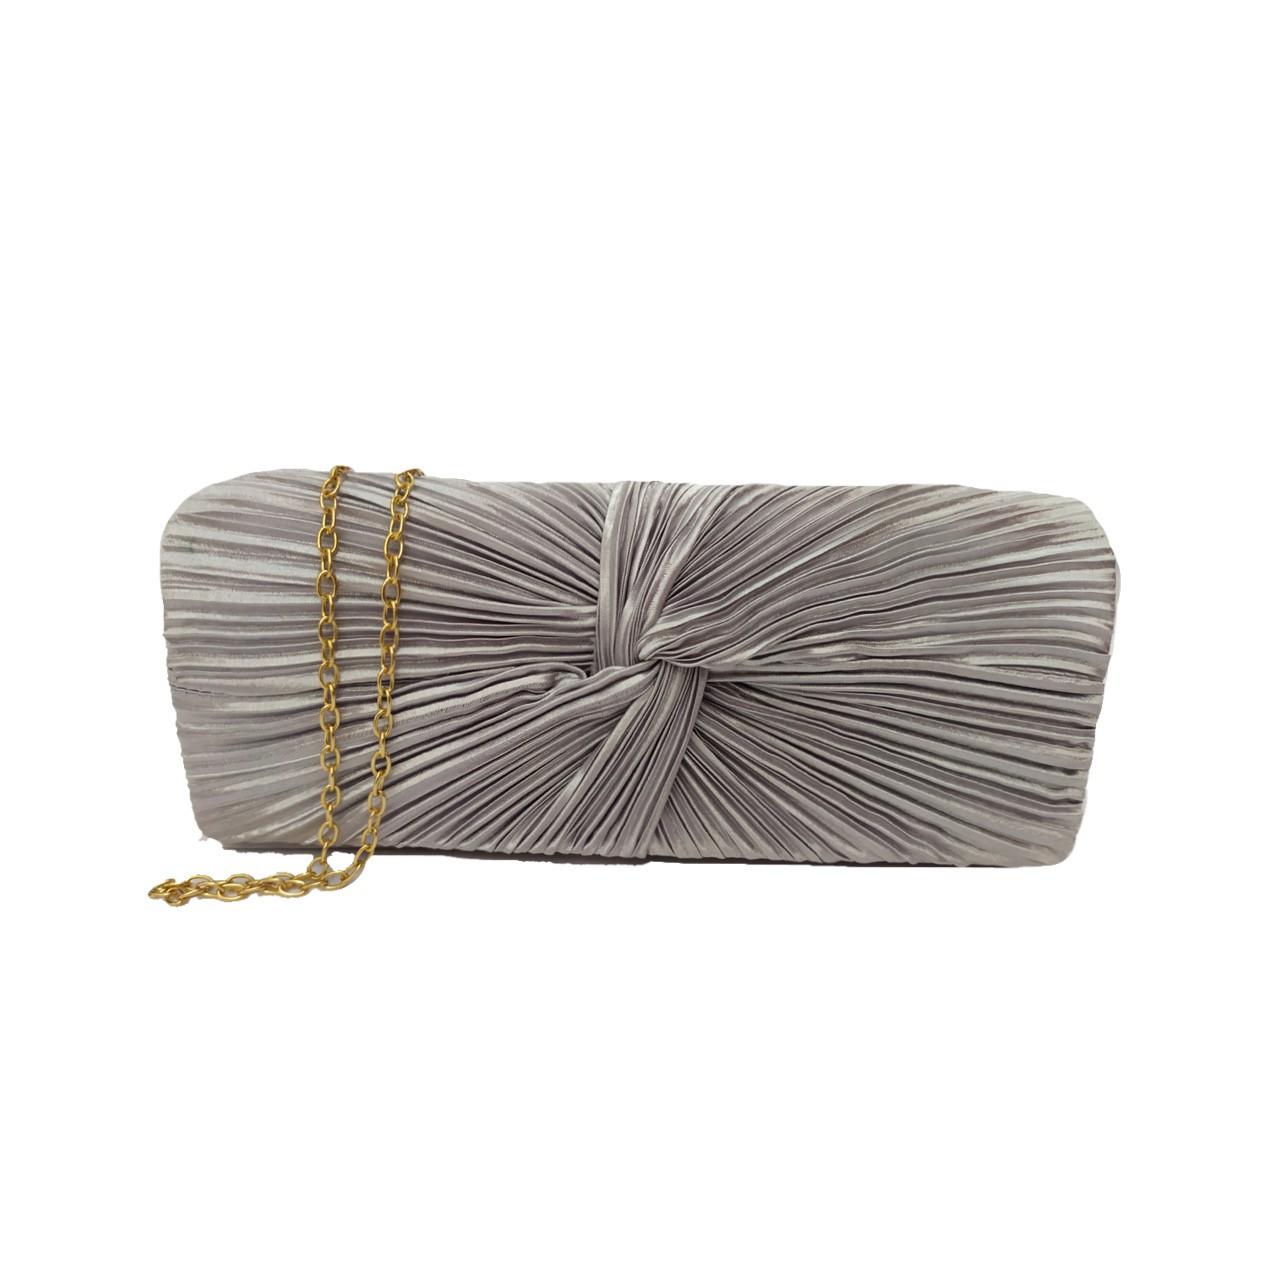 Bolsa clutch de festa com alça removível de corrente - Cinza